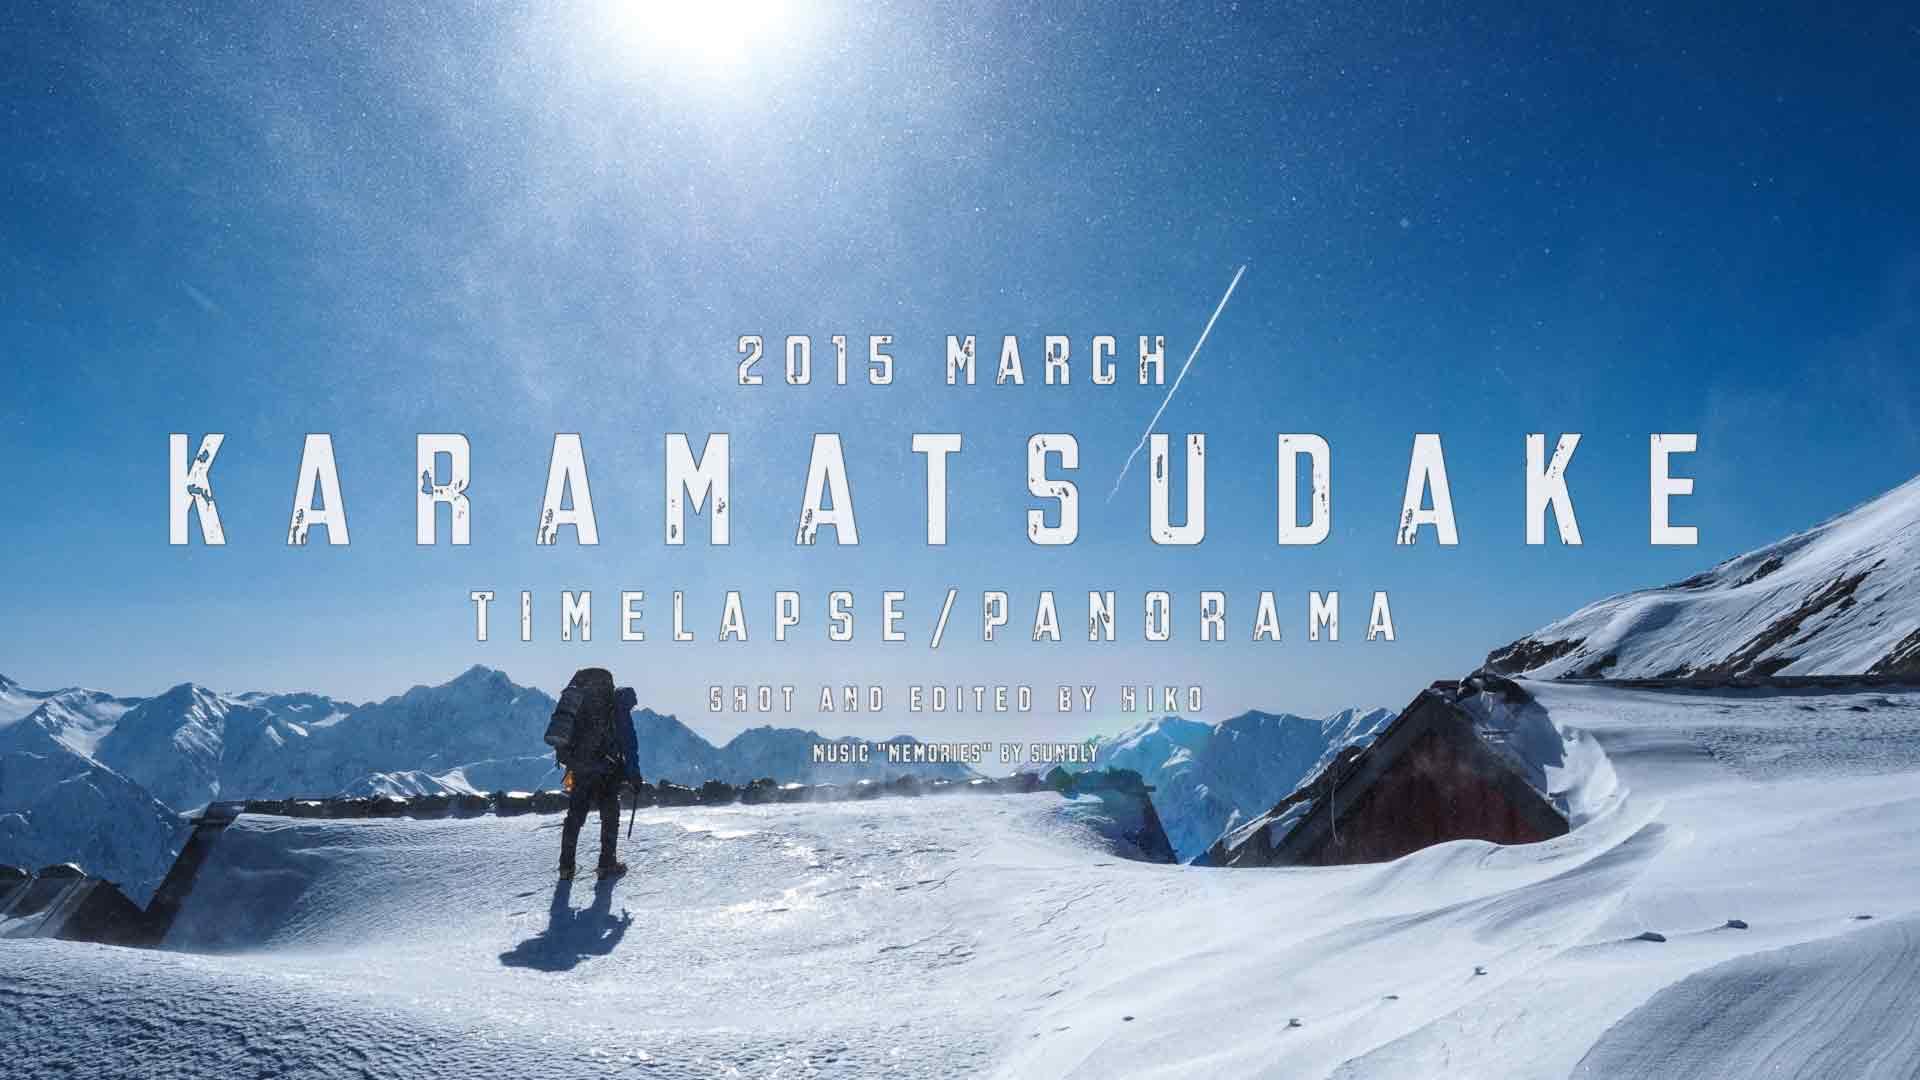 Karamatsudake-Timelapse-and-Panorama-Featured-Image